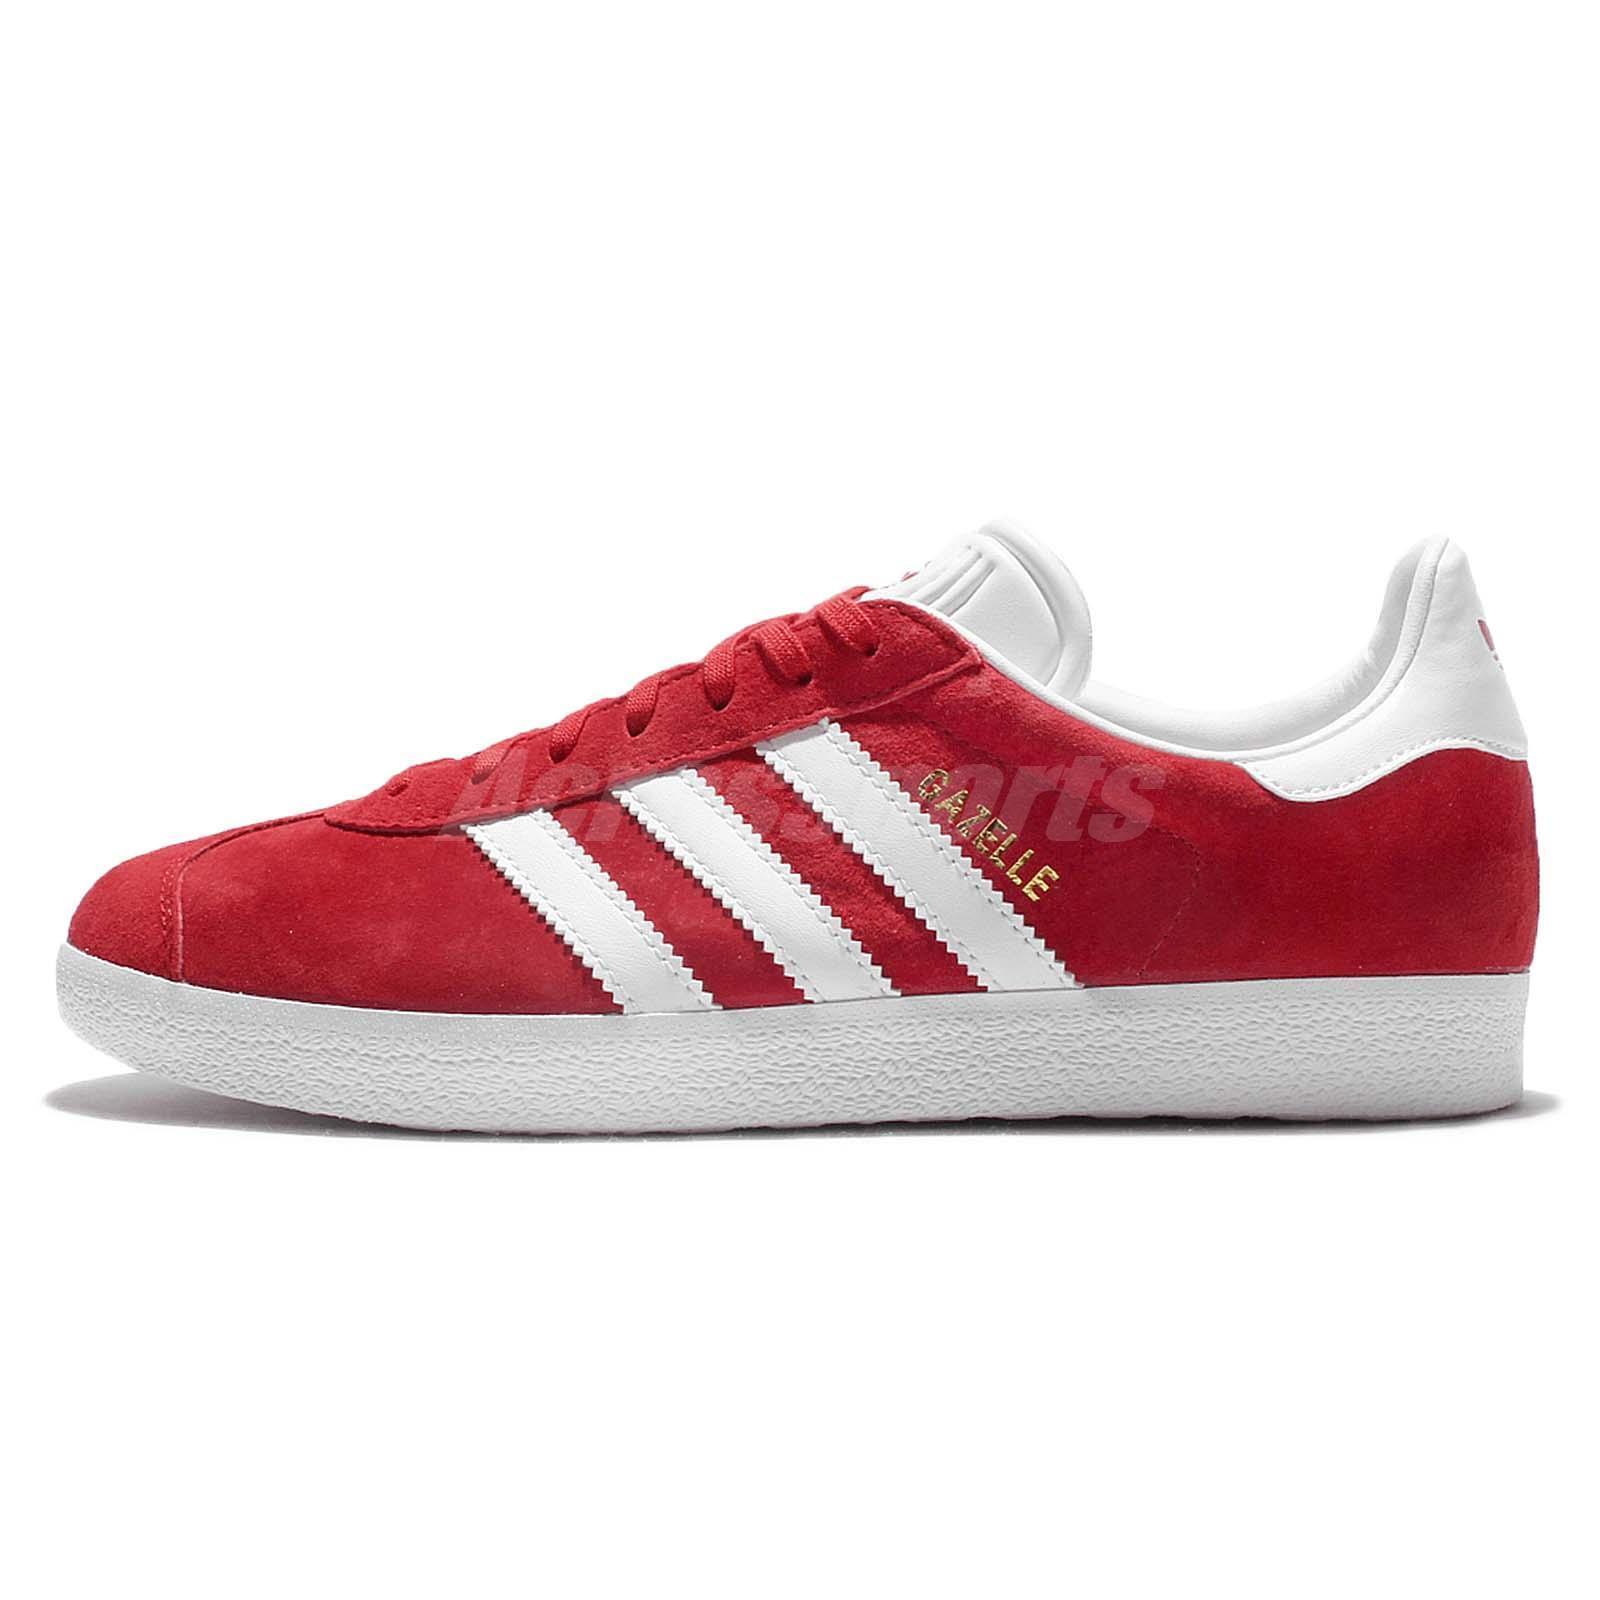 Adidas Zapatos Originals Gazalle Rojo Blanco para Hombre Zapatos Adidas Tenis Clásico S76228 Vintage dd1279